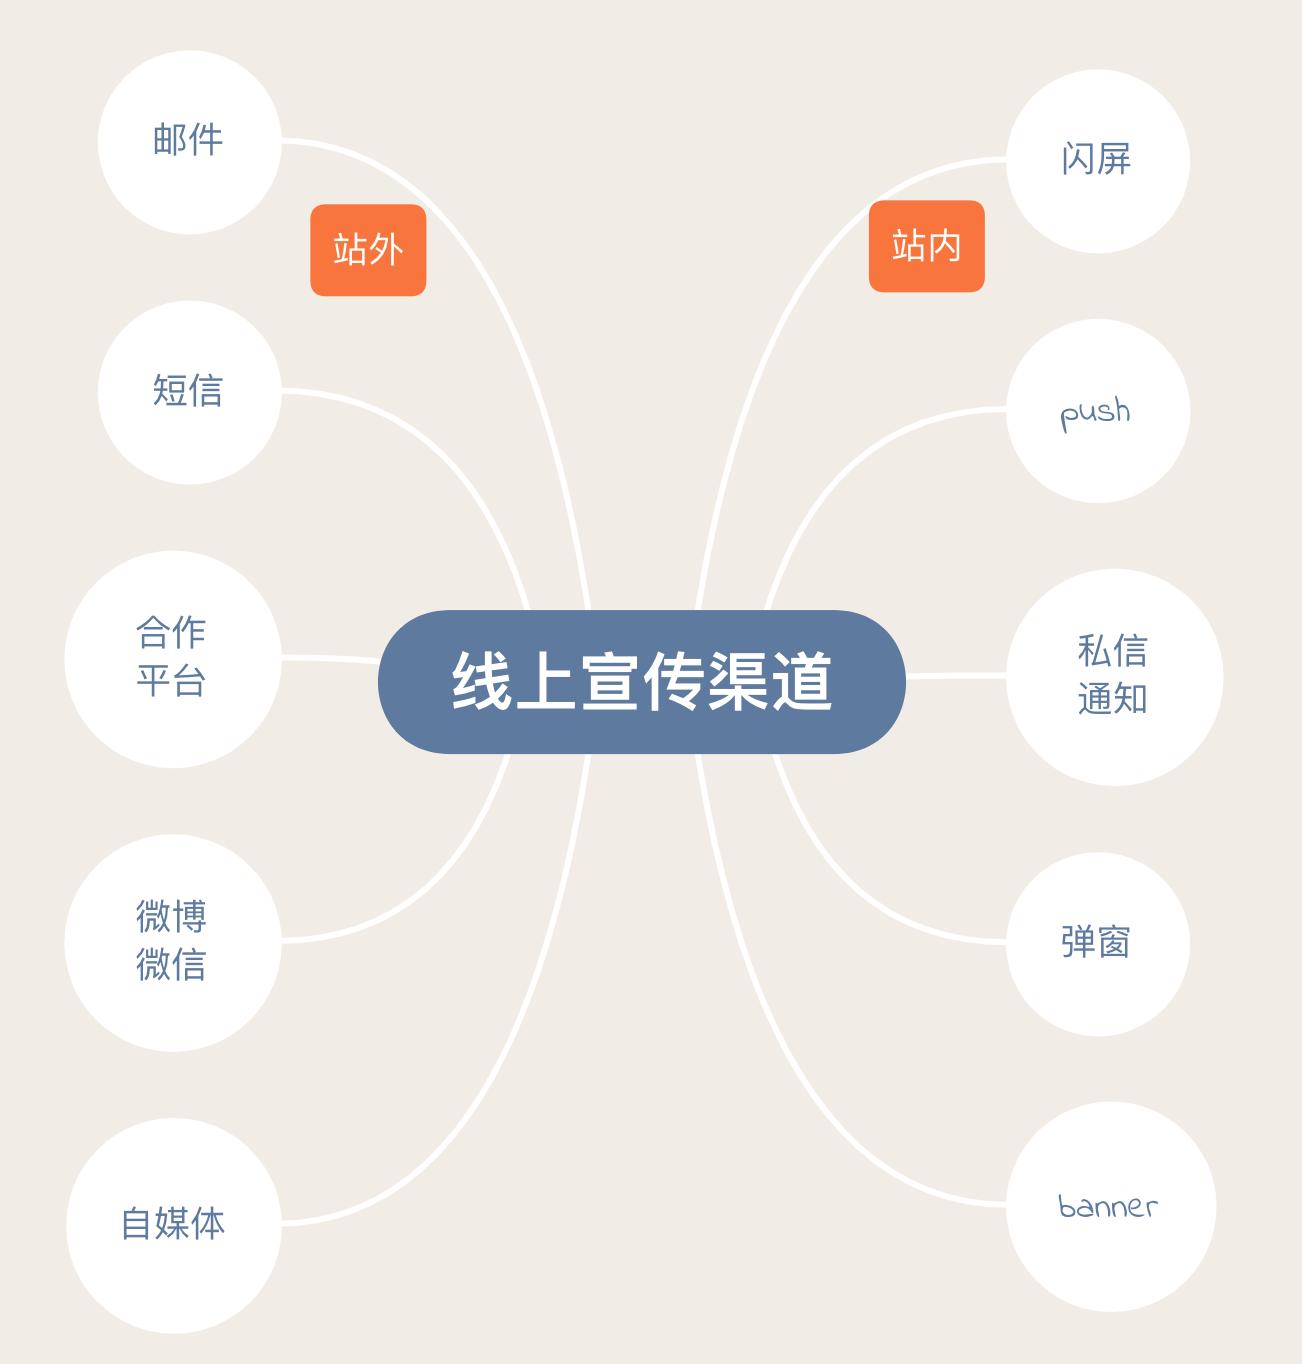 宣传渠道分布图.png